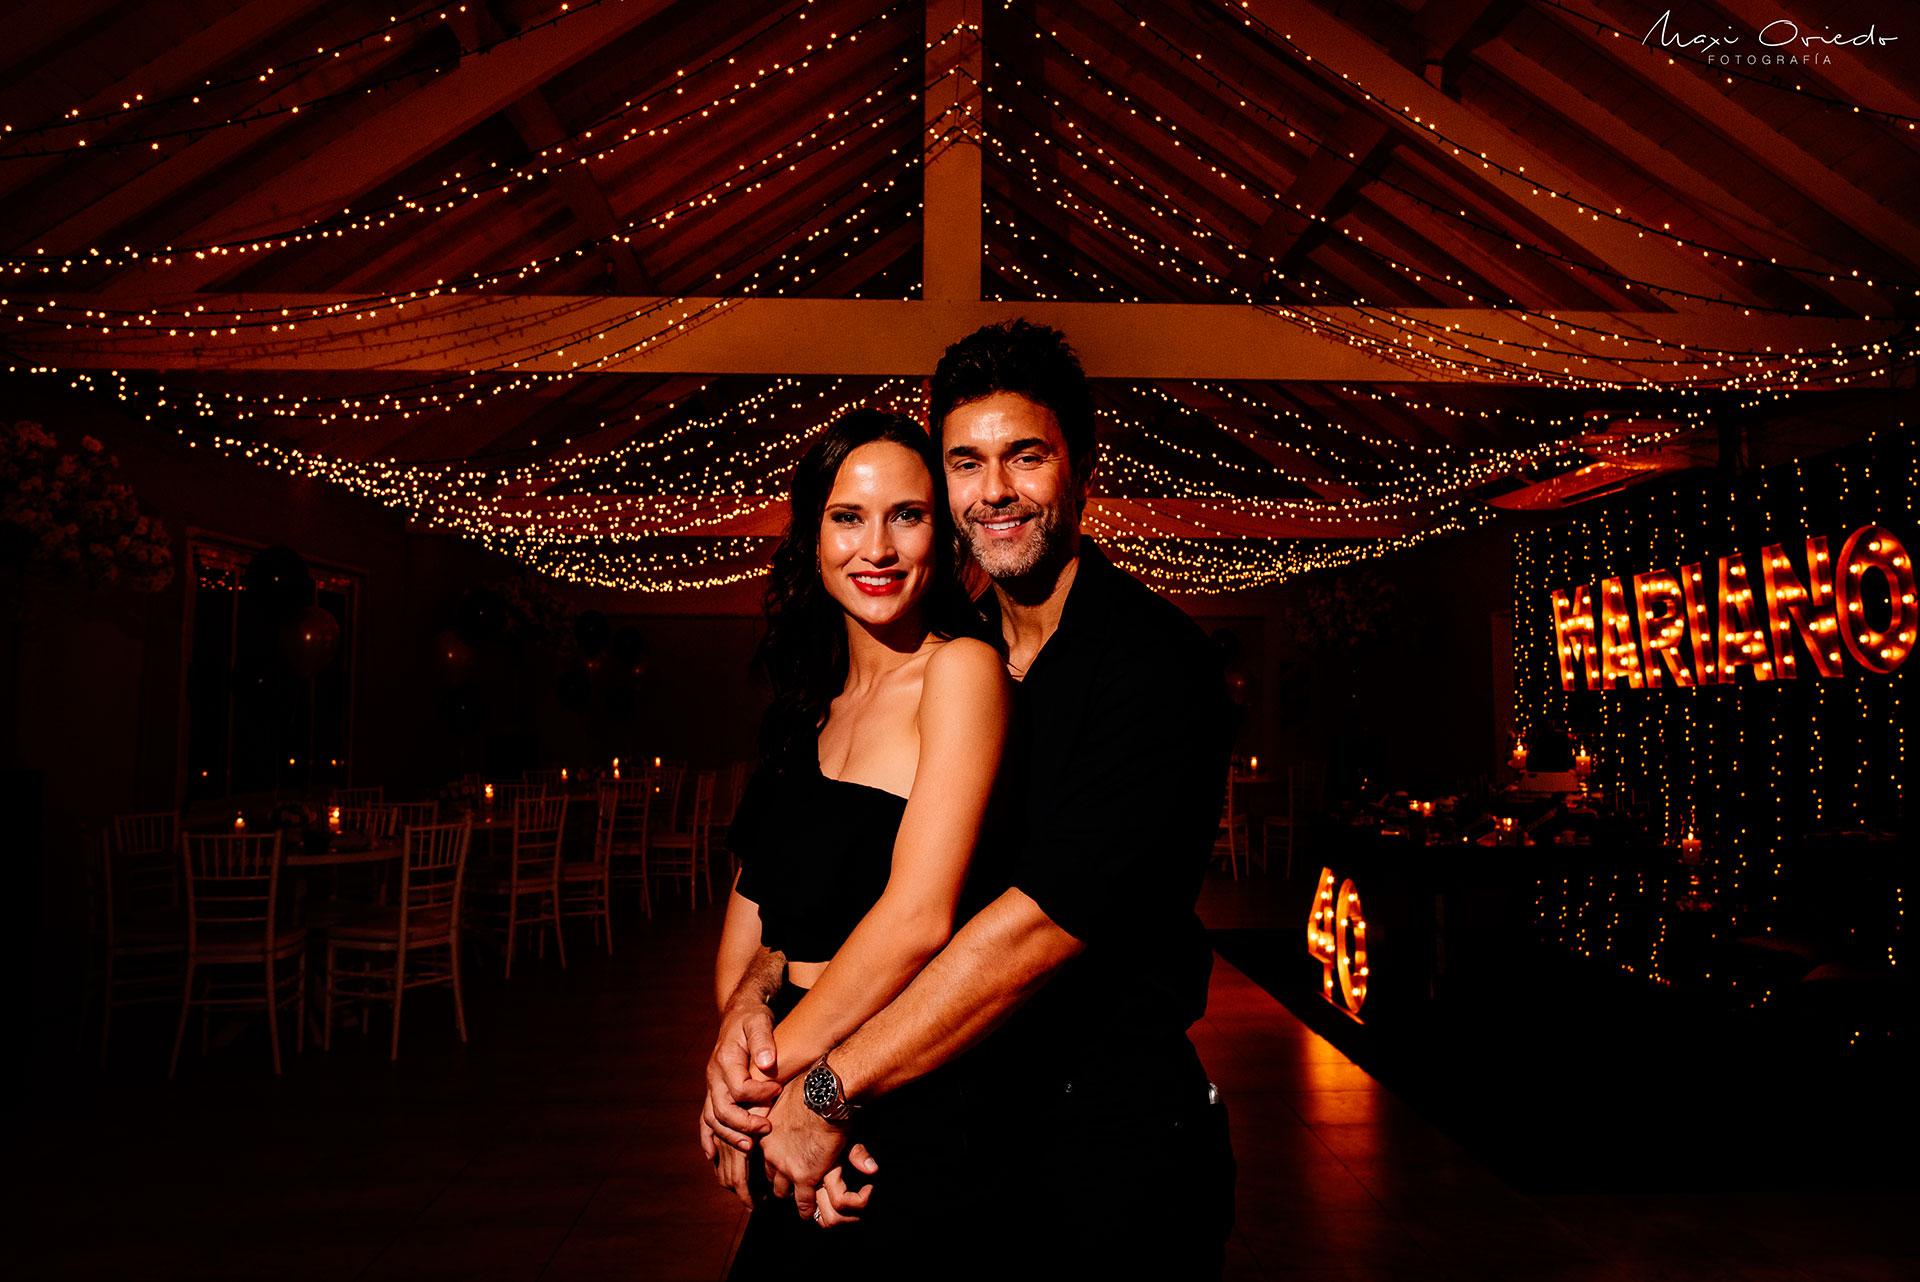 Mariano y Camila felices.